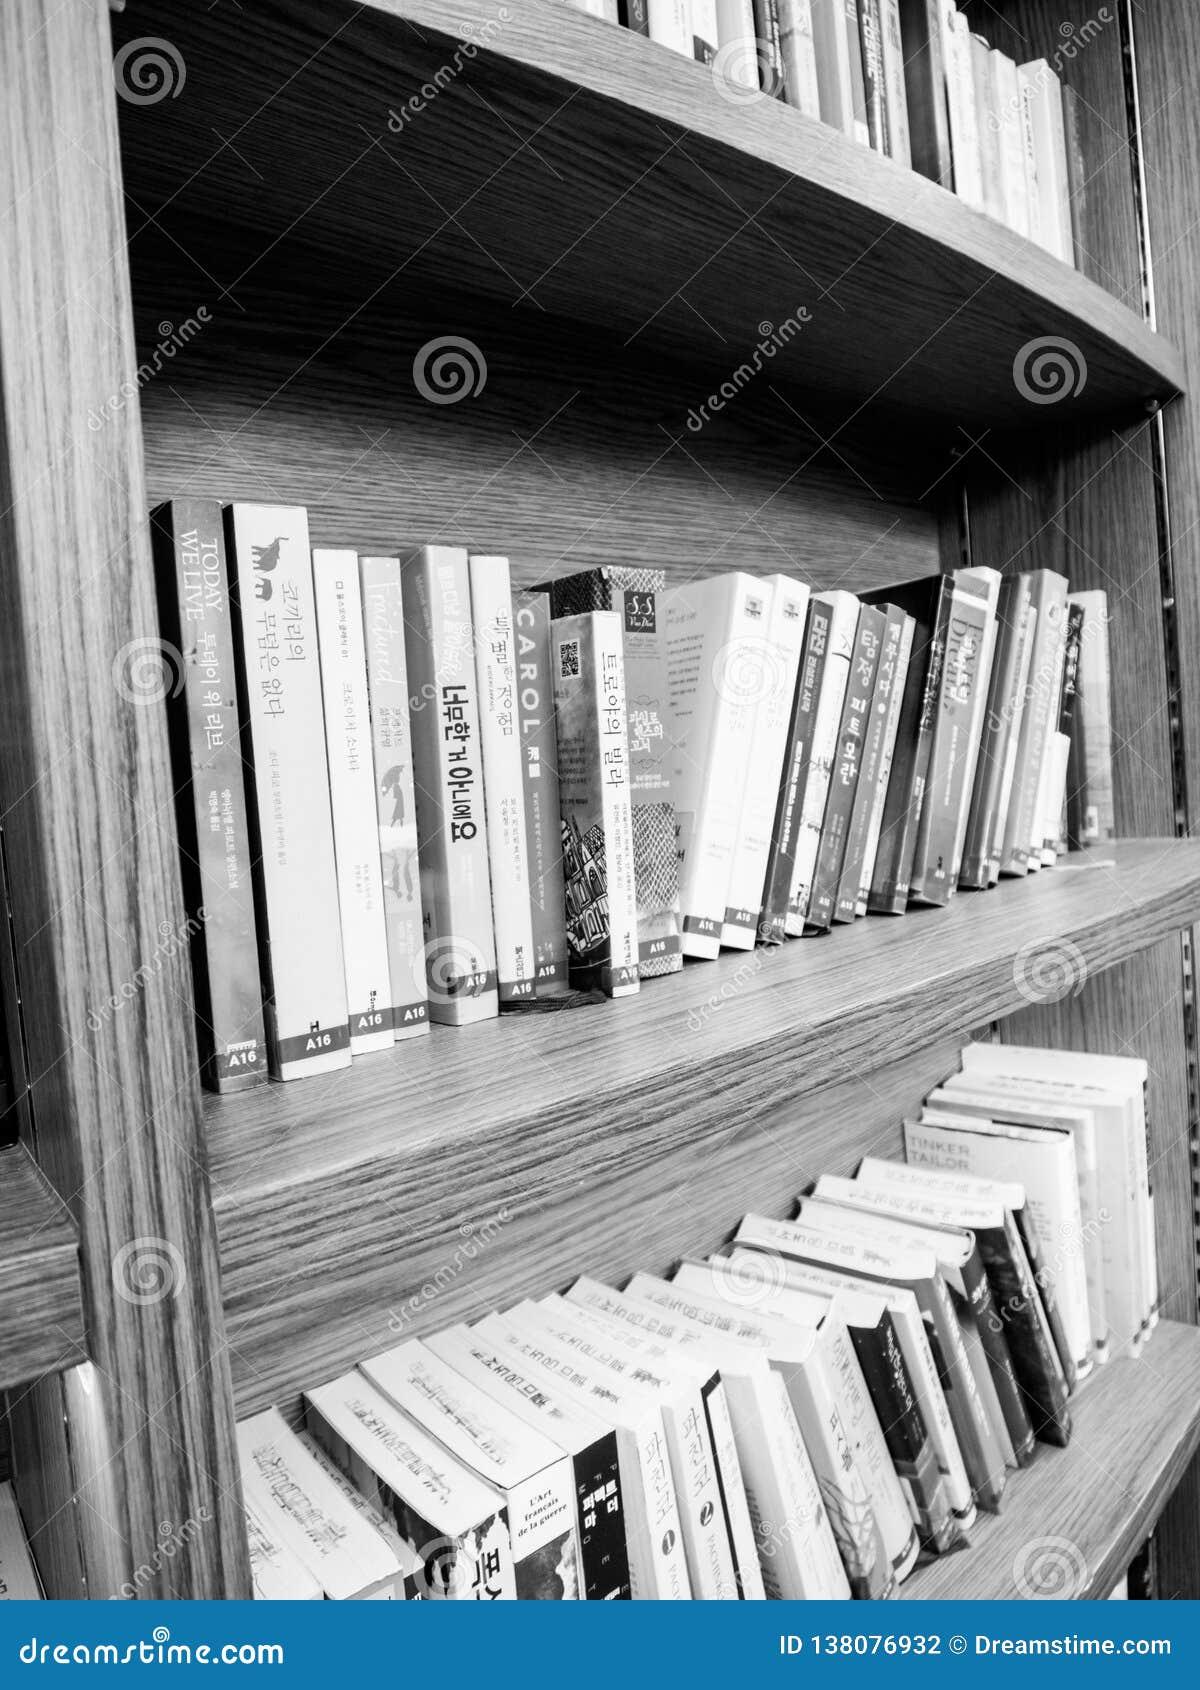 Overvloed van boeken op een plank